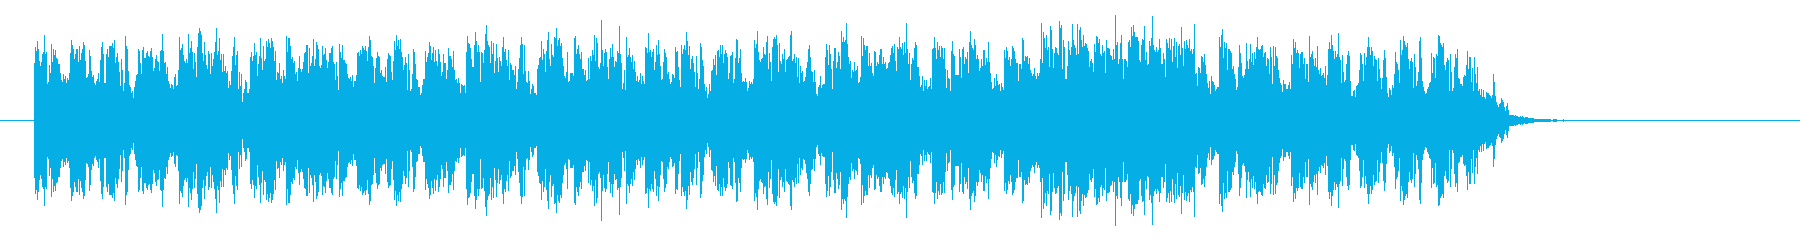 ベースが効いたインパクトのあるロックな曲の再生済みの波形